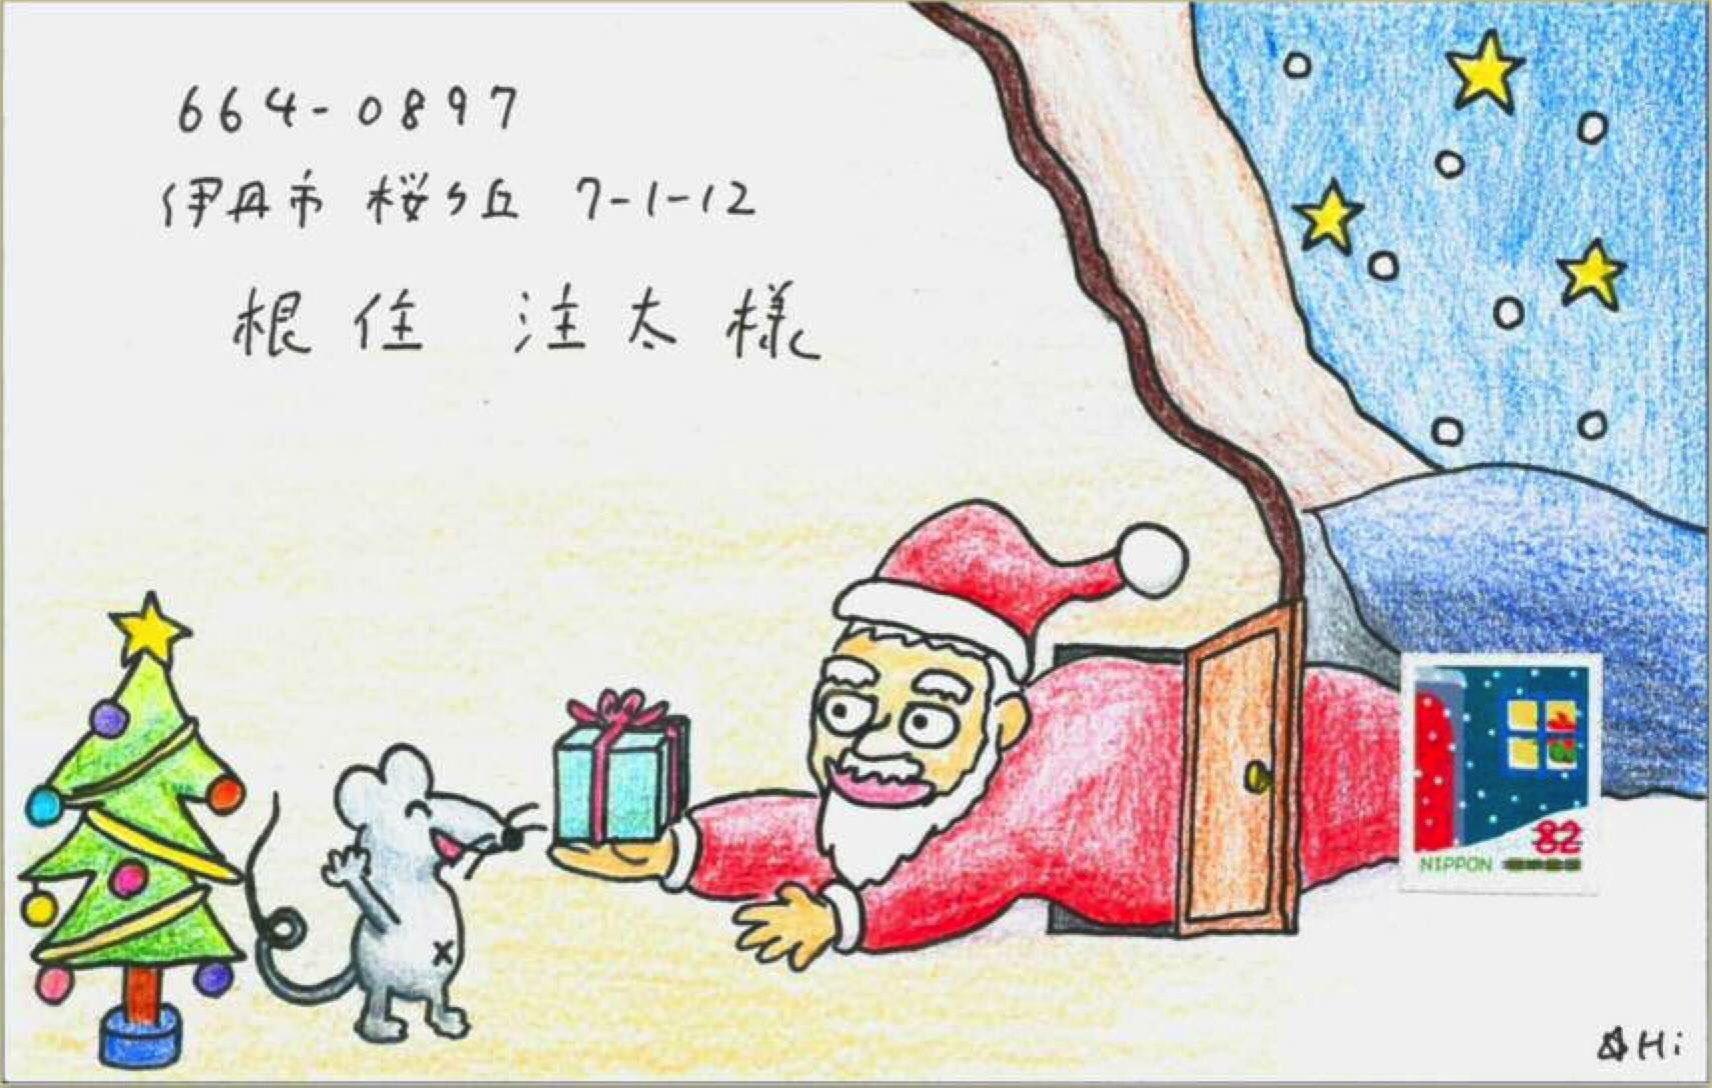 ねずみにクリスマスプレゼントを持ってきたサンタさん